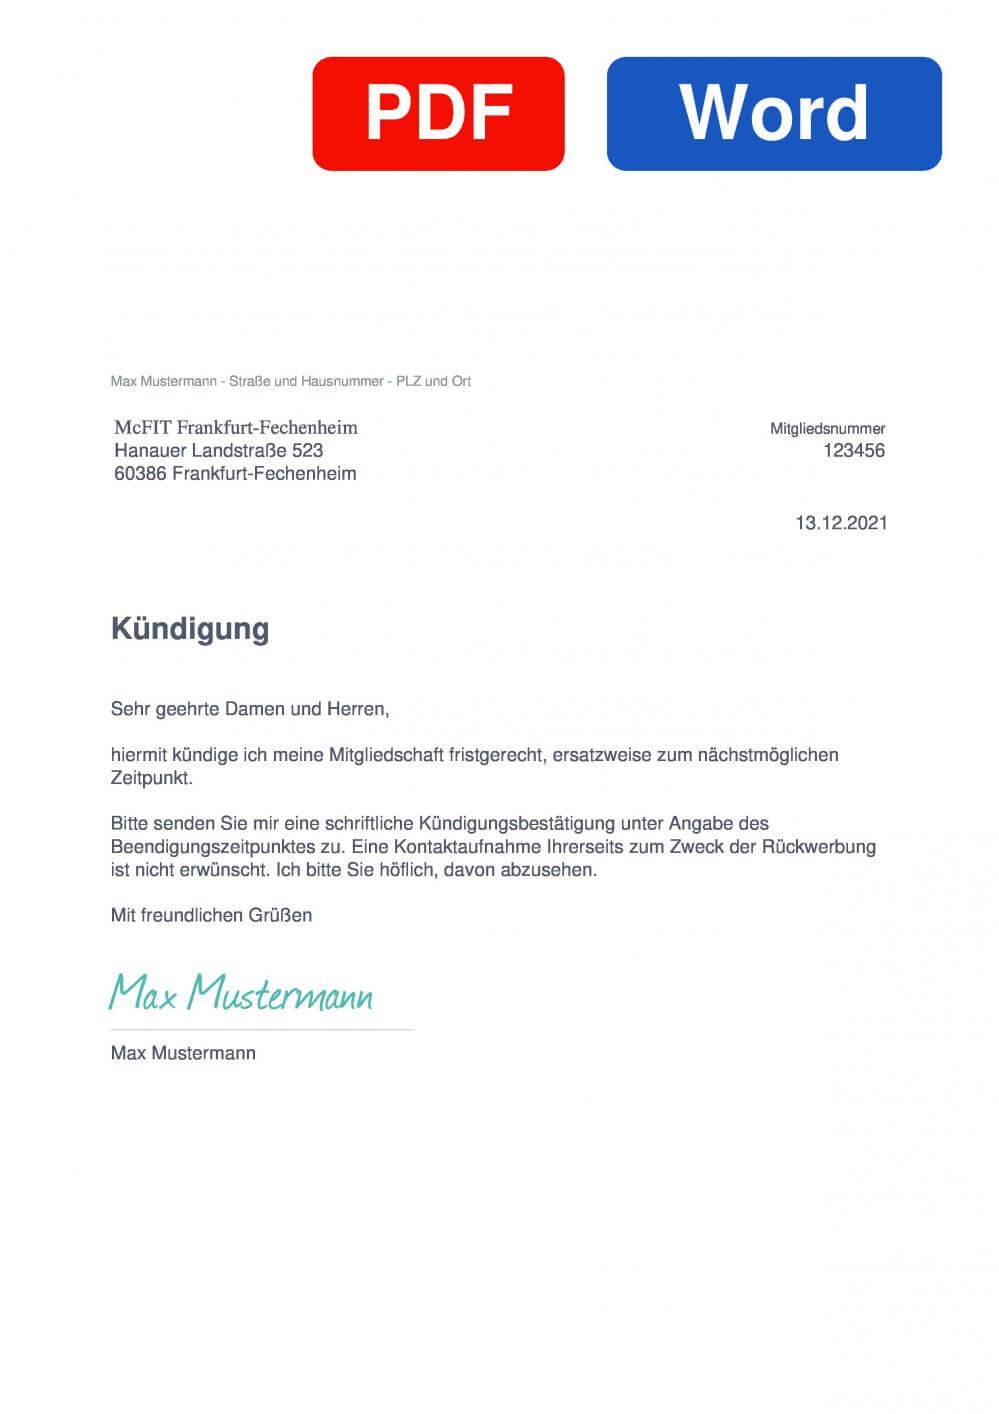 McFIT Frankfurt-Fechenheim Muster Vorlage für Kündigungsschreiben